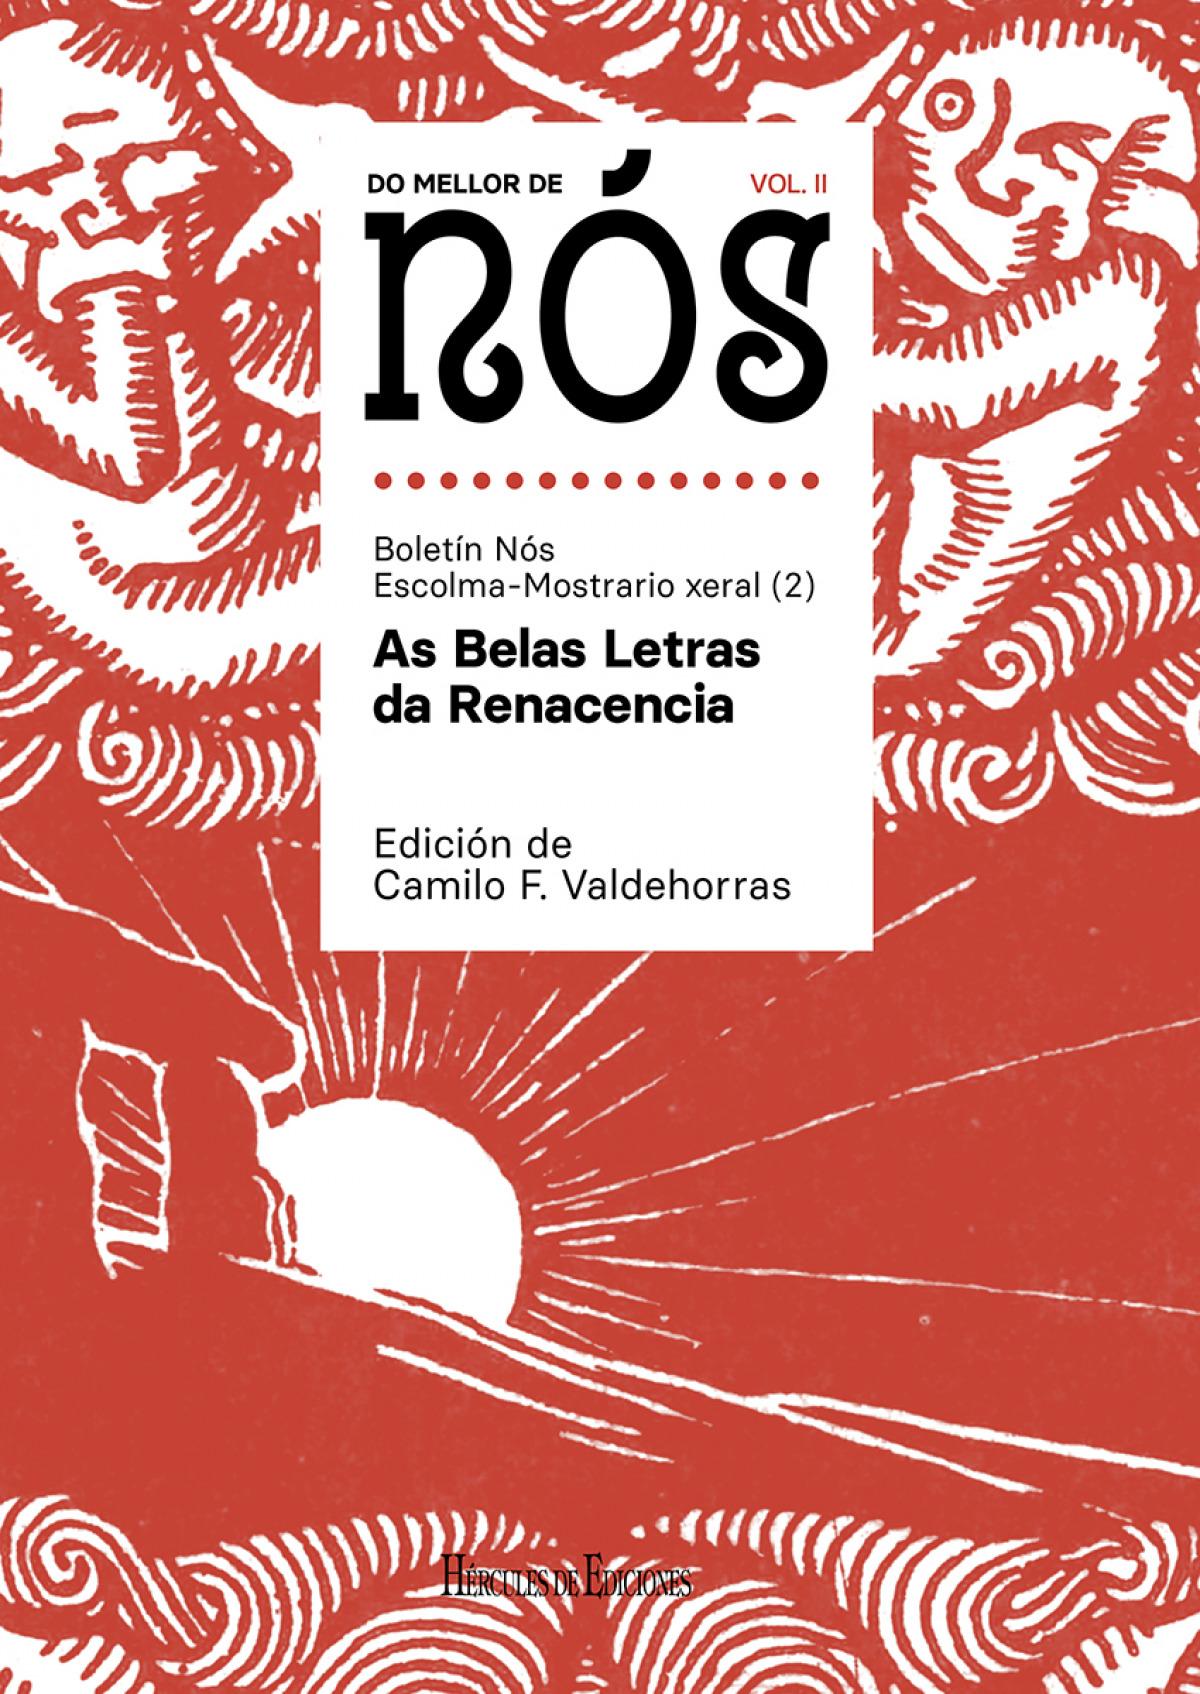 Do mellor de Nós II. Escolma-Mostrario xeral do Boletín Nós (vol. 2): As Belas Letras da Renacencia